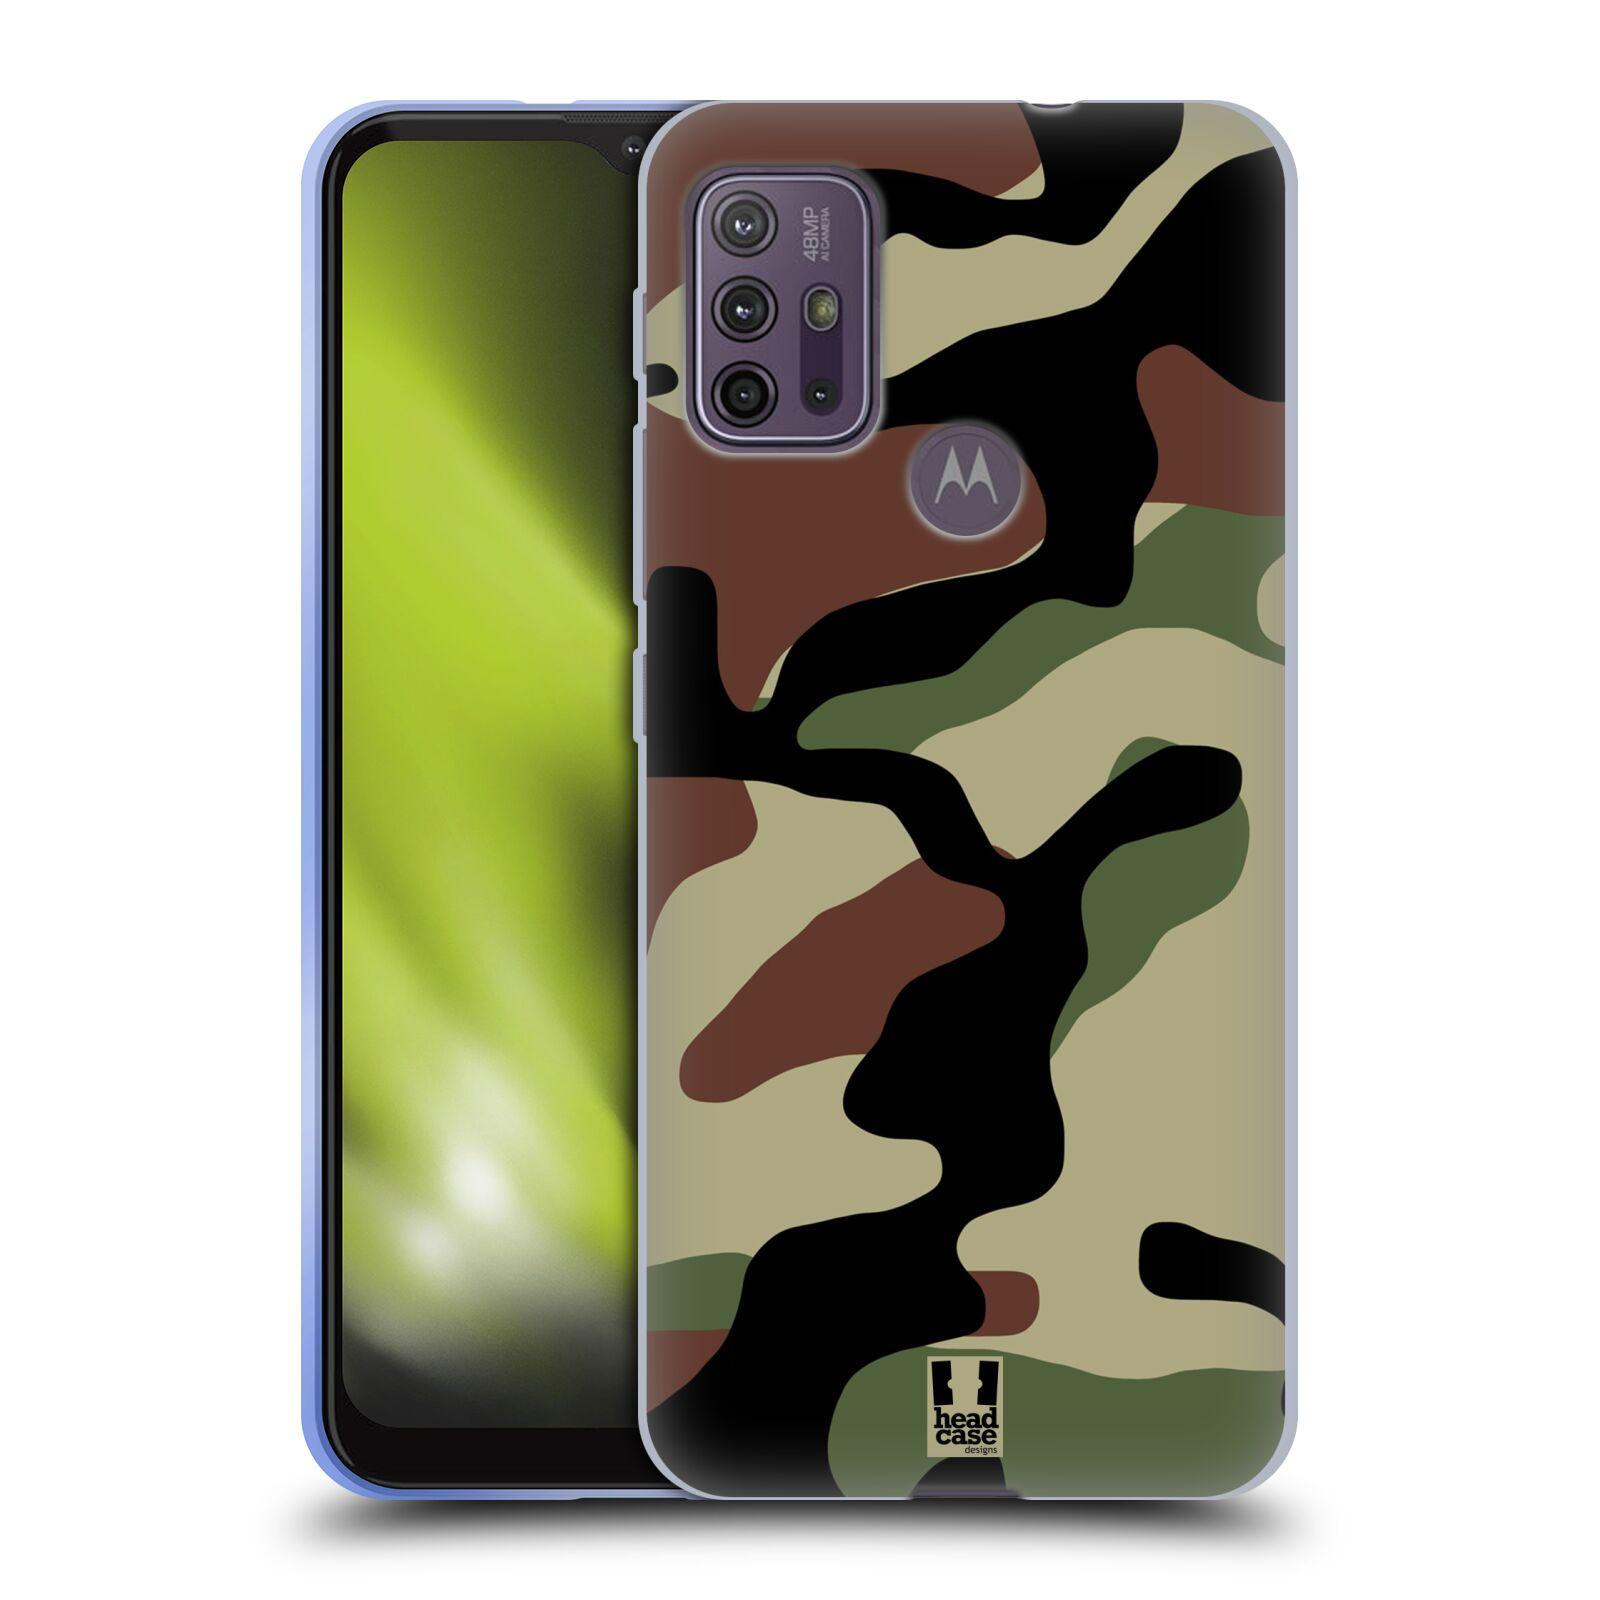 Silikonové pouzdro na mobil Motorola Moto G10 / G30 - Head Case - Maskáče